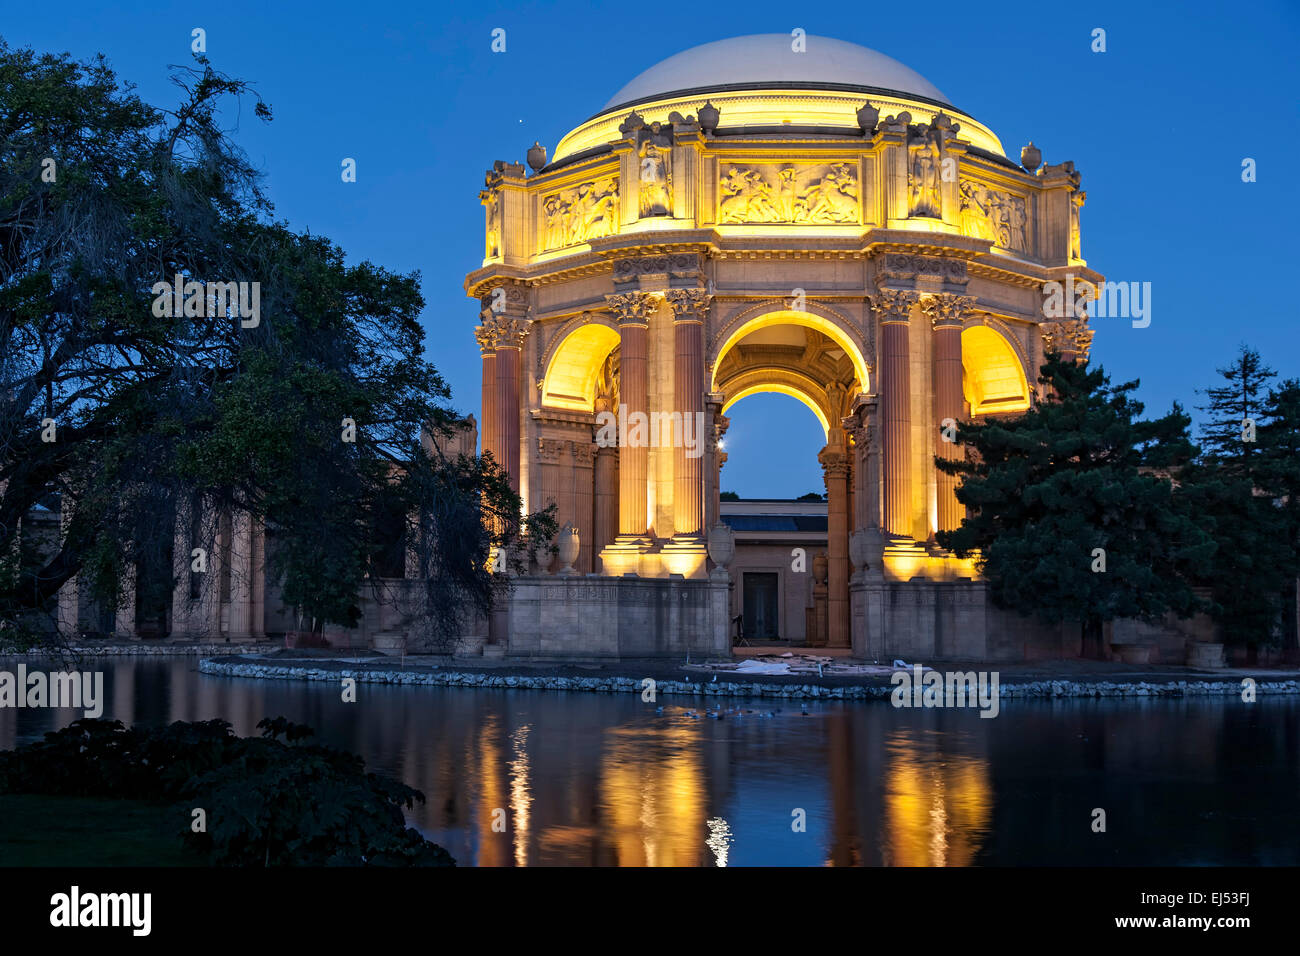 Palacio de Bellas Artes y exploratorio en penumbra, San Francisco, California, EE.UU. Imagen De Stock